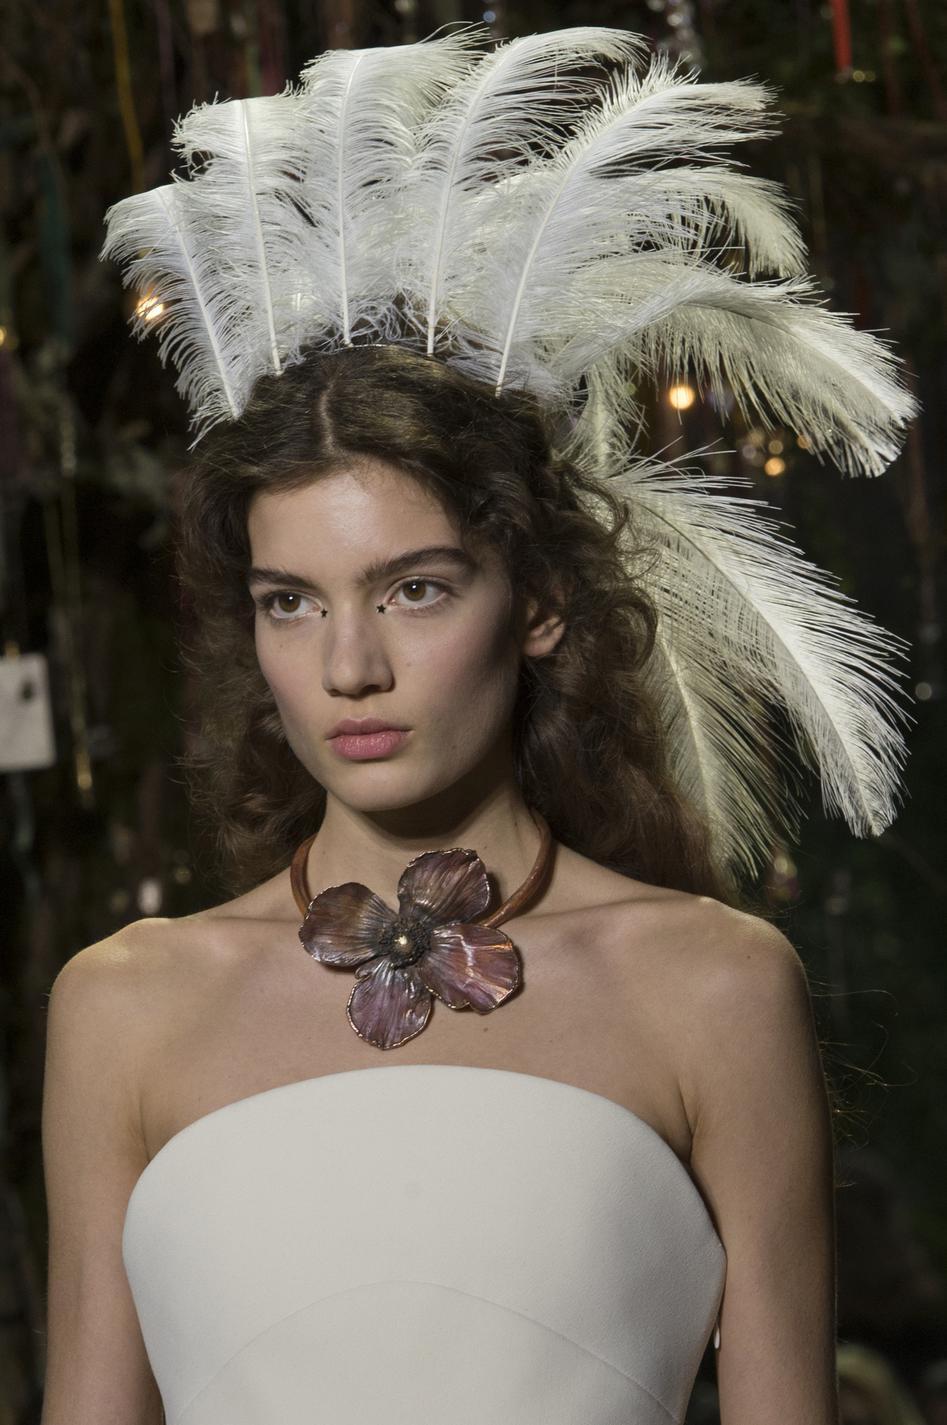 077ef9c29a65 ... Coiffures avec accessoires de la Fashion Week - le chapeau cordouan,  Jean-Paul Gaultier Coiffures avec accessoires de la Fashion Week - le  diadème ...